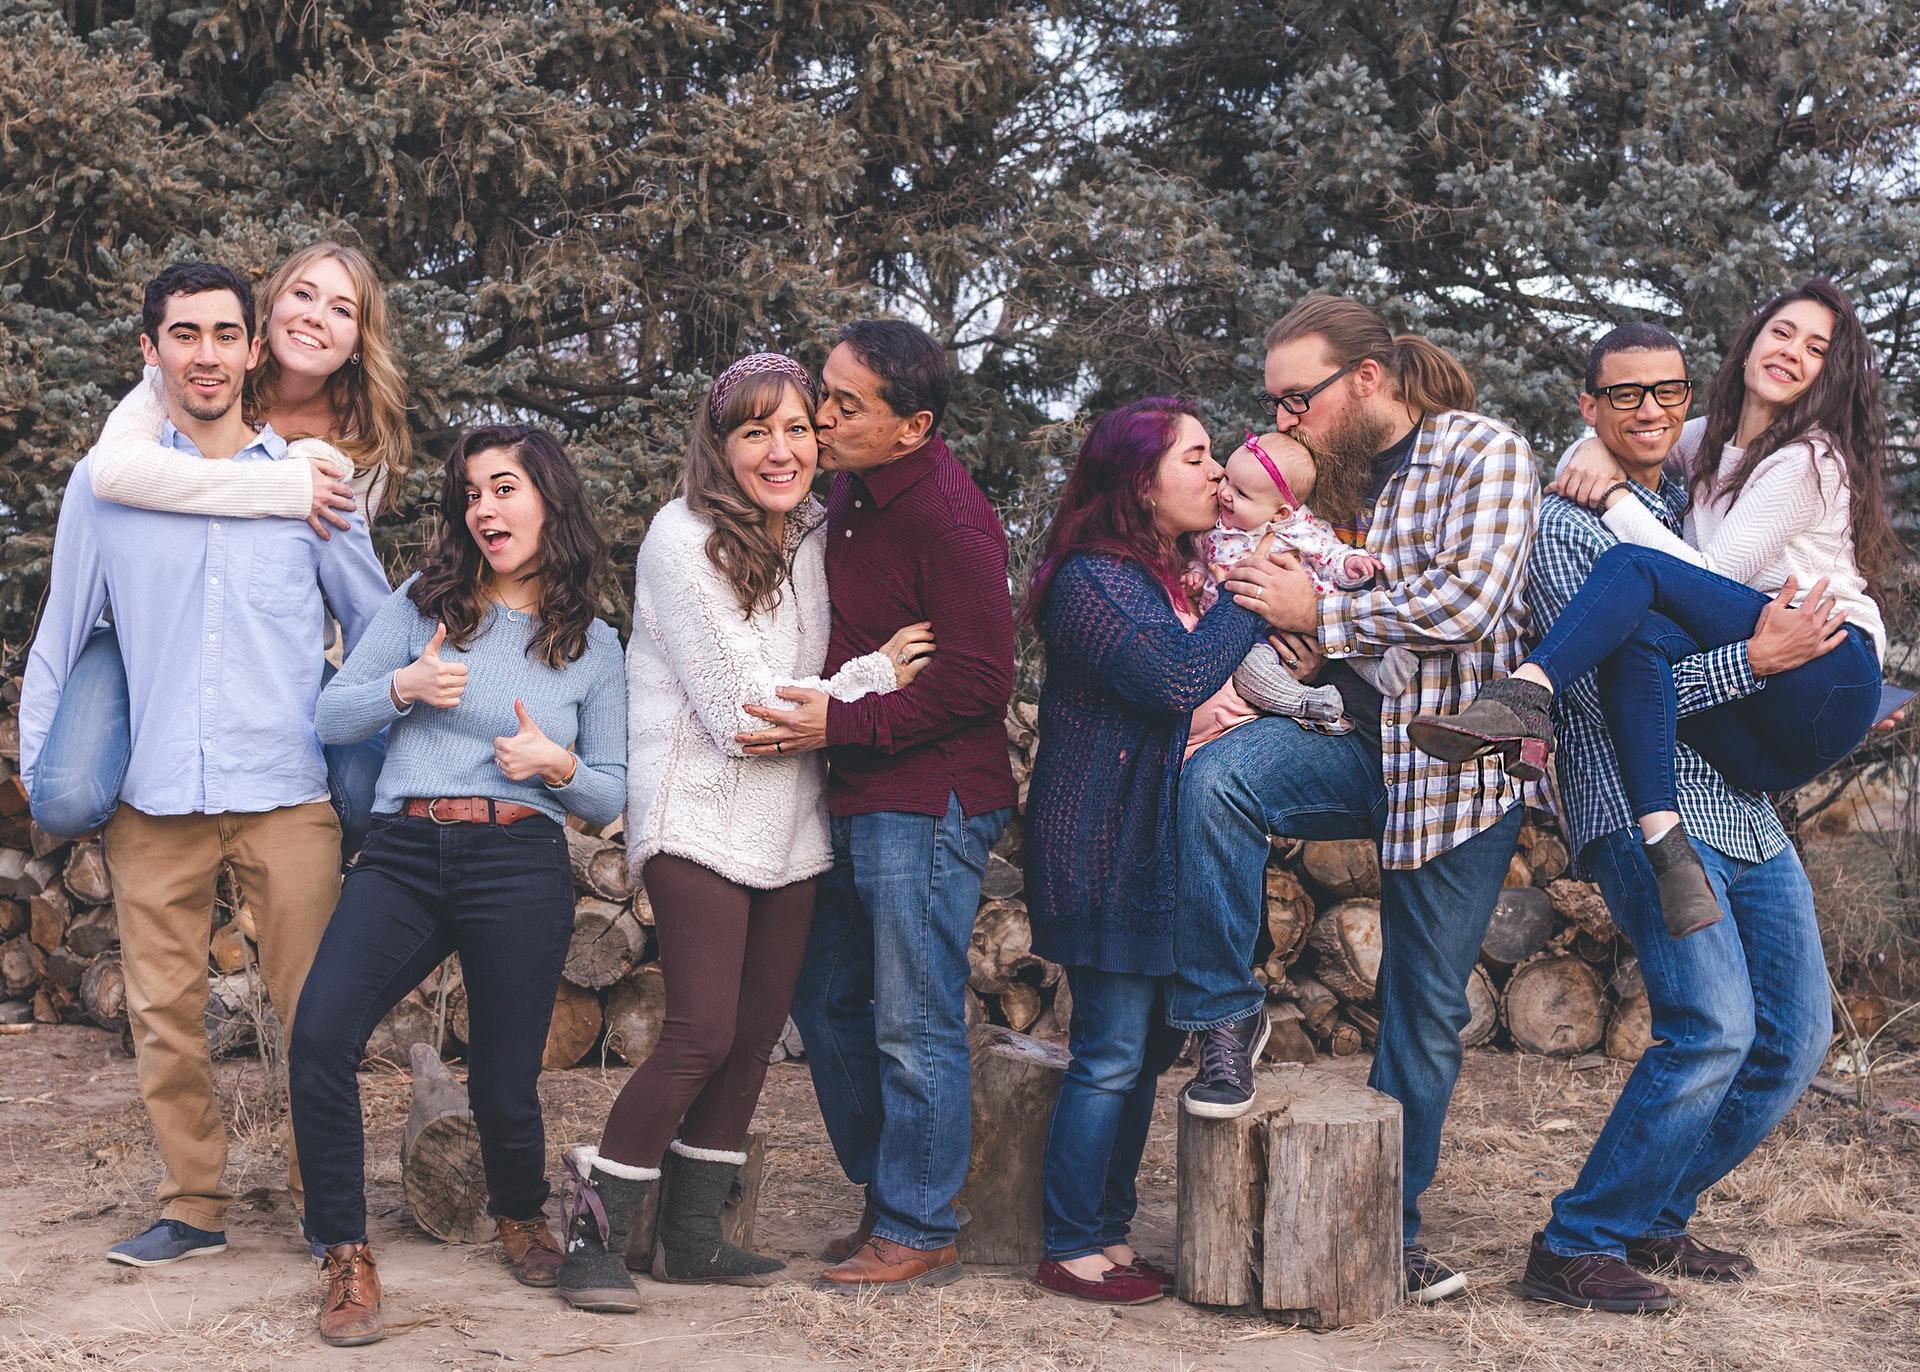 En las familias aglutinadas se da prioridad al bien del grupo sobre las necesidades individuales.